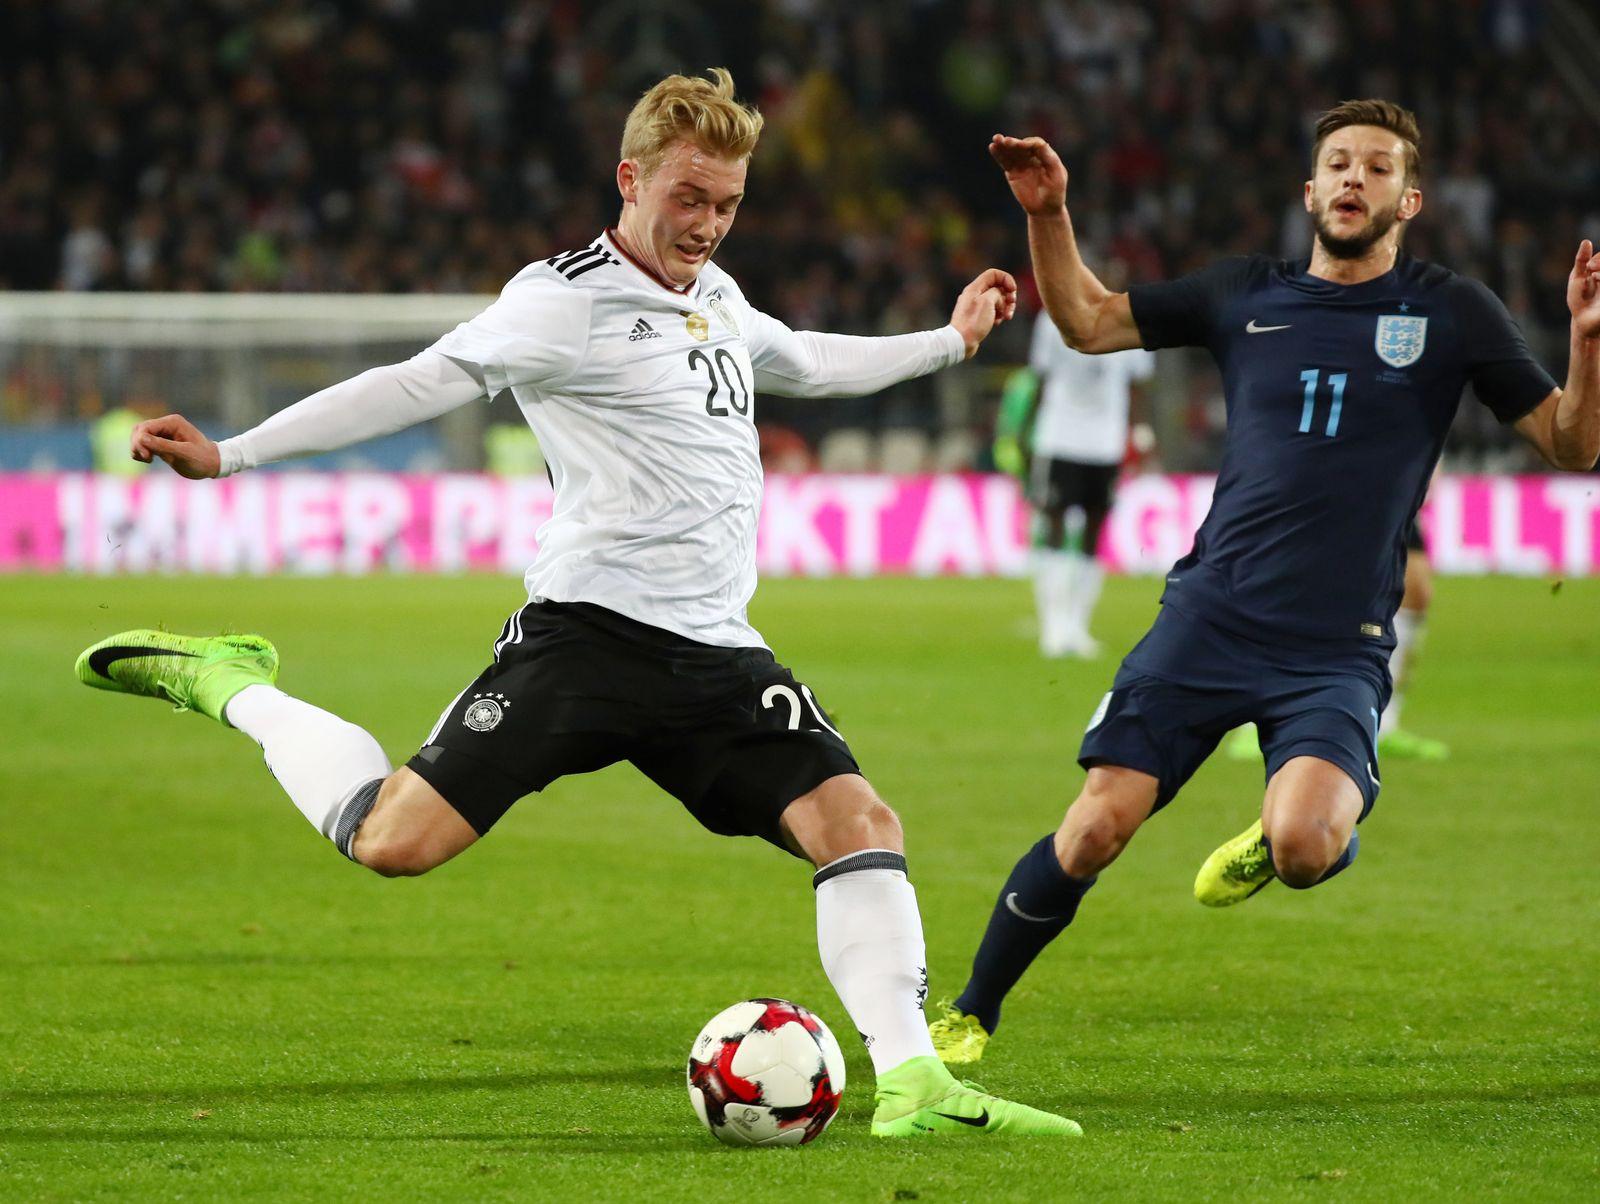 HLT Deutschland - England